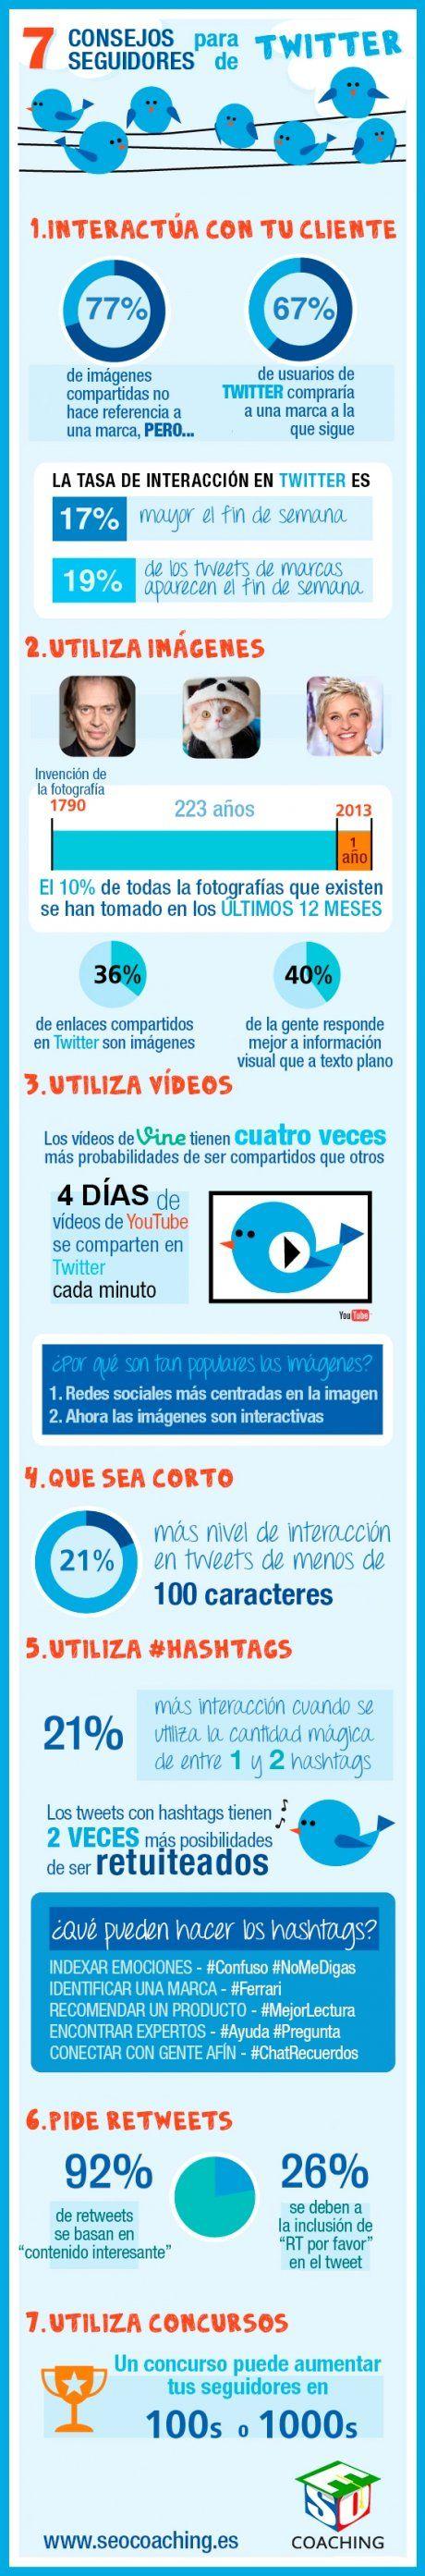 7 consejos para tuiteros. Infografía en español. #CommunityManager